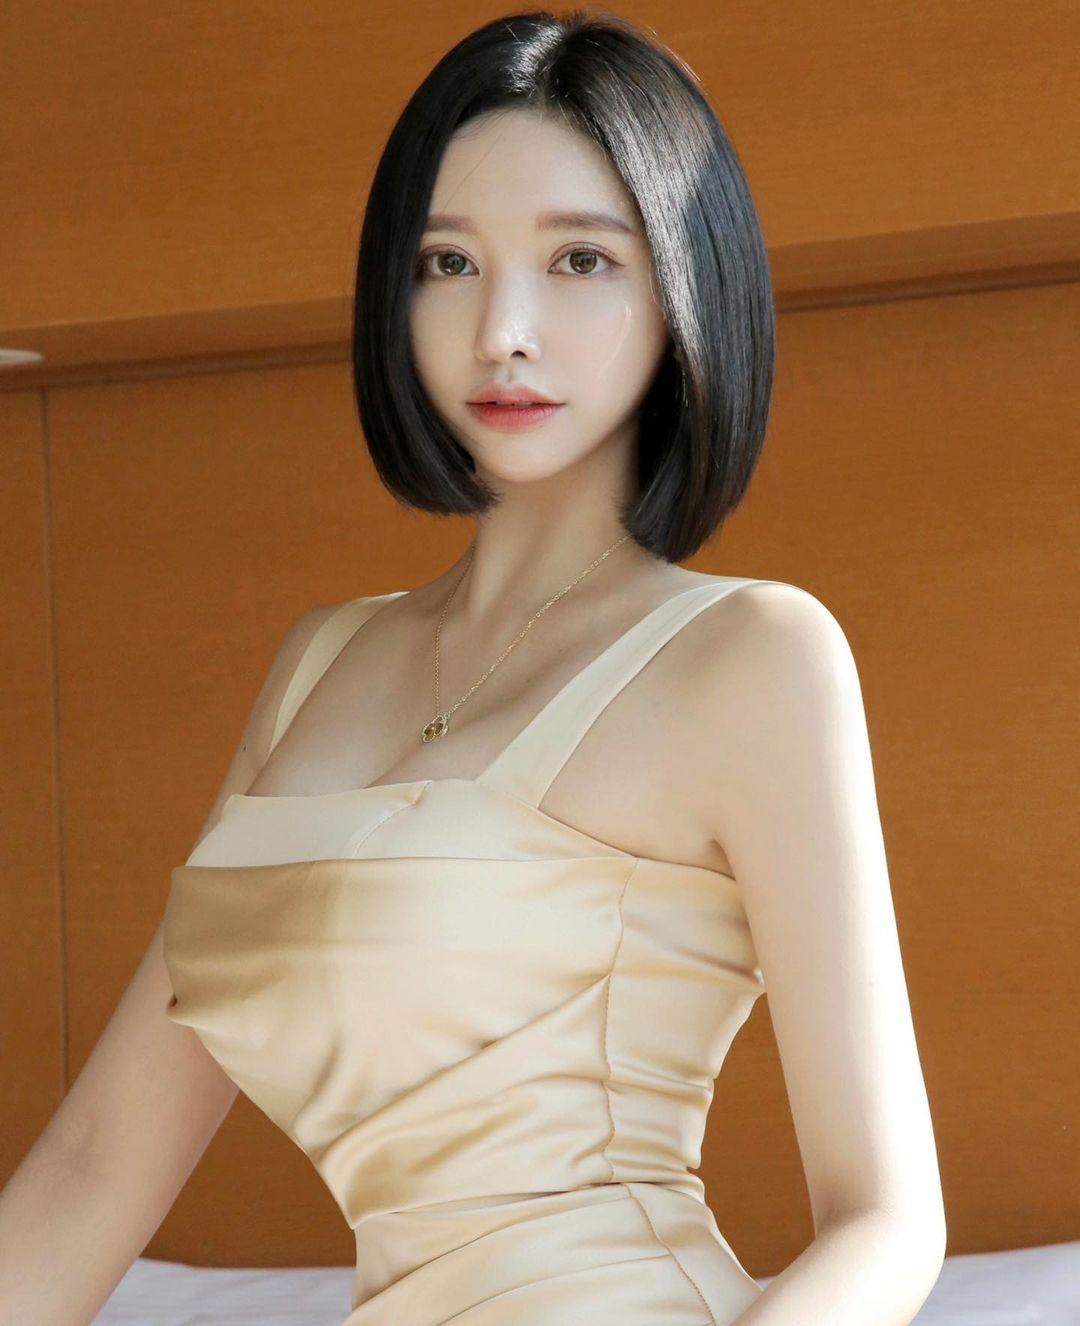 韩国高人气网红短发甜姐儿Hyejjin,泳衣加码放送美腿